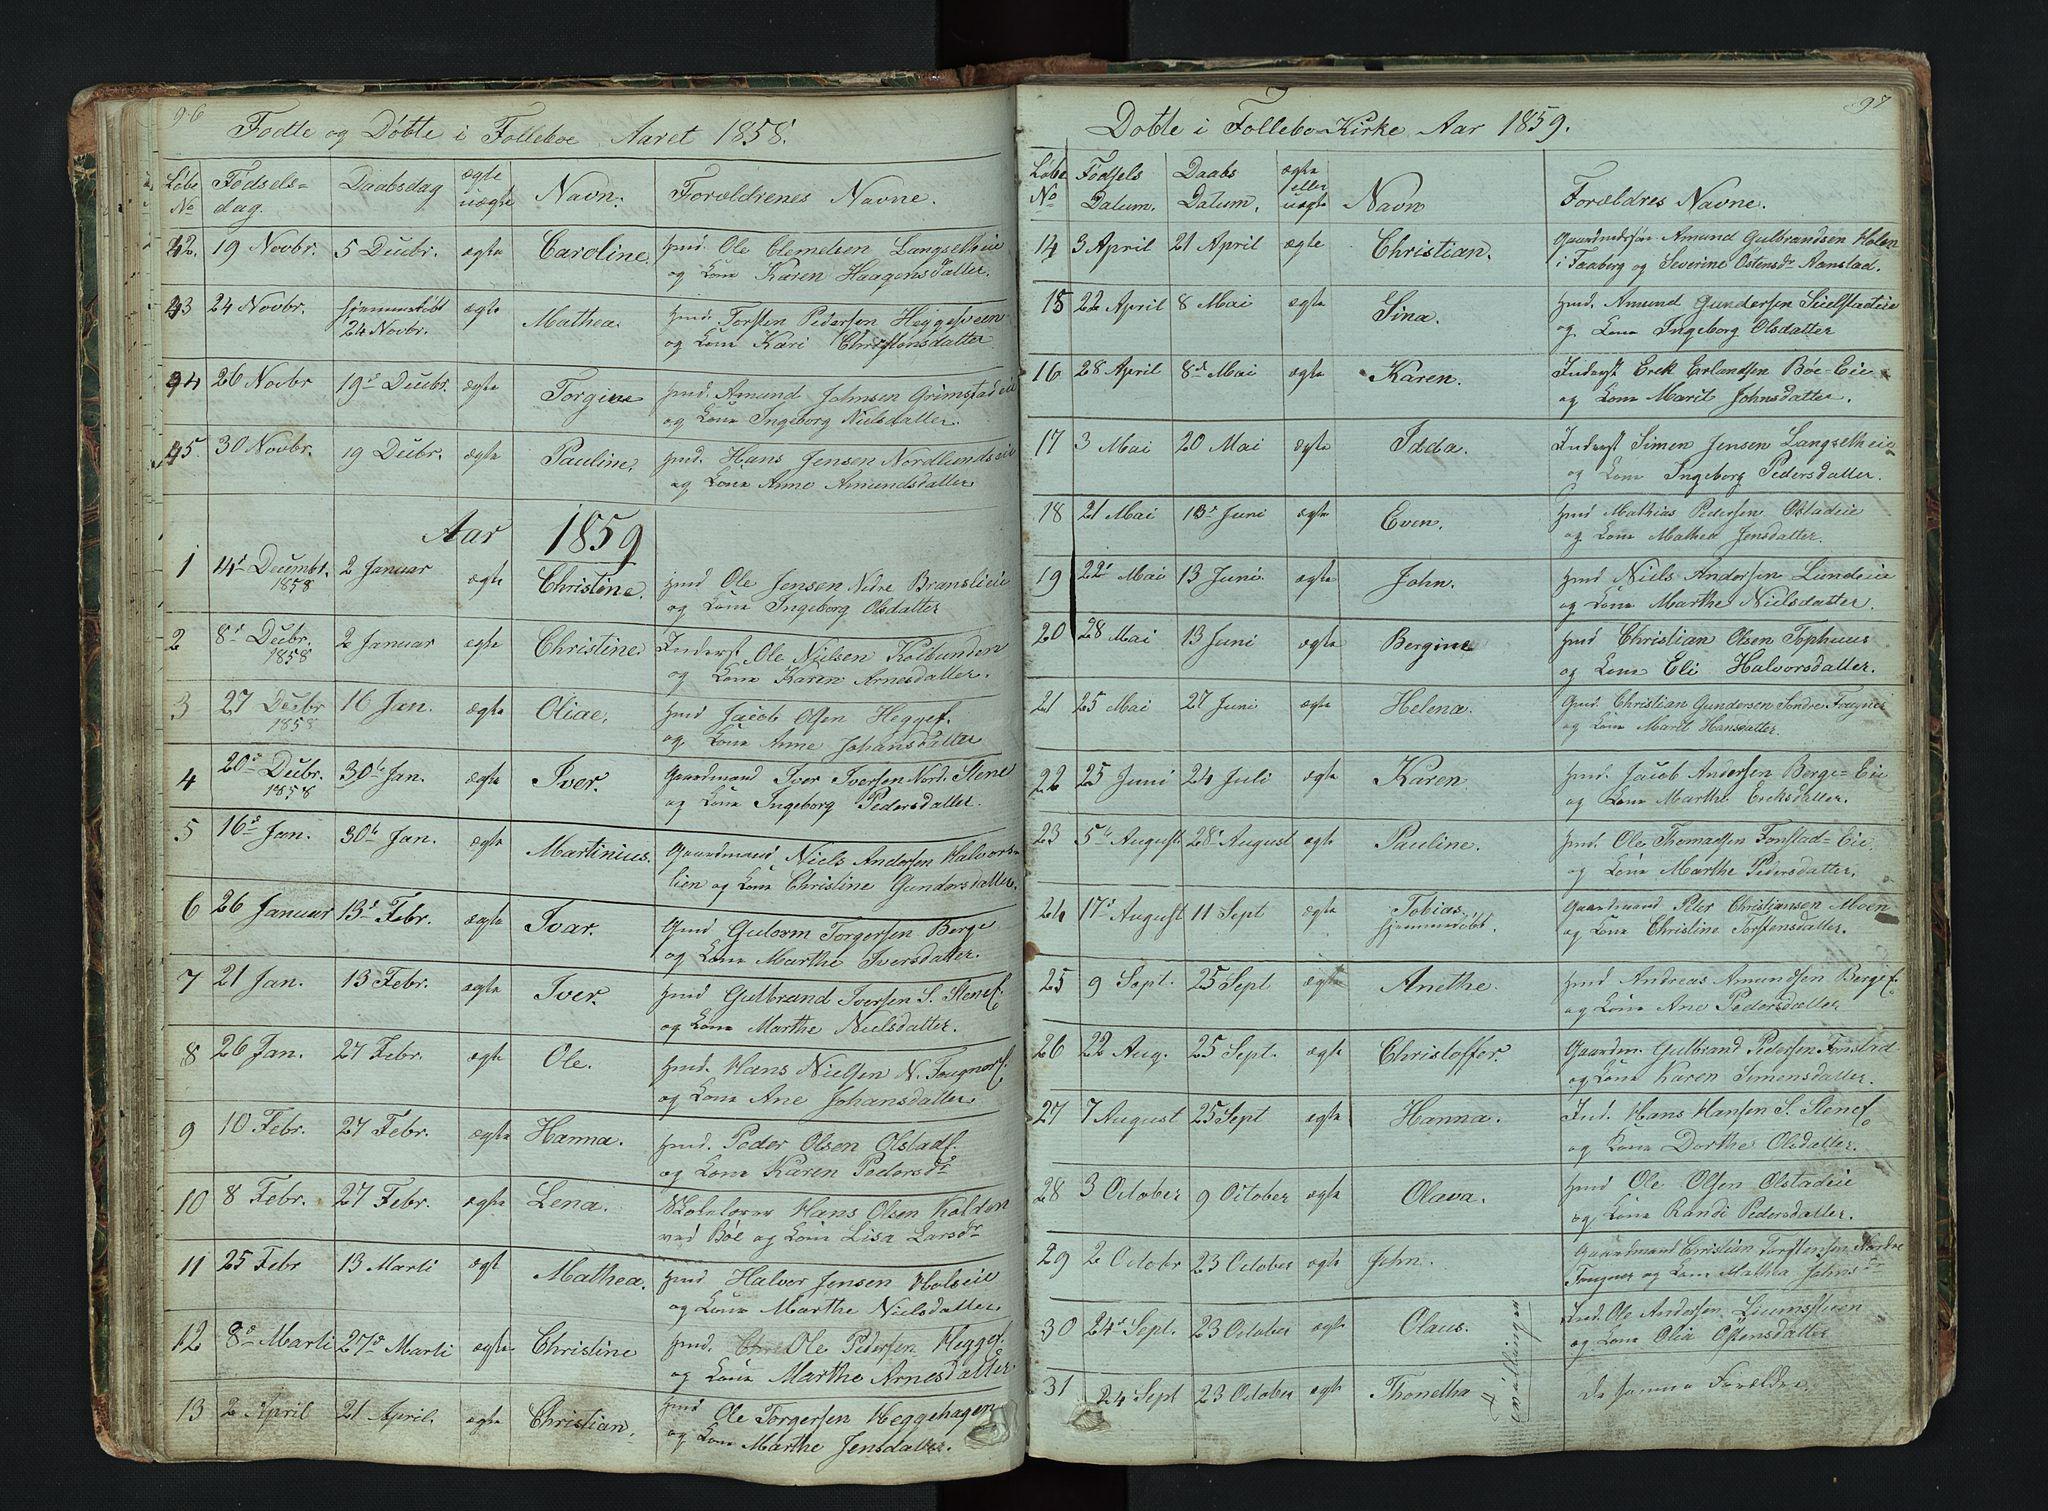 SAH, Gausdal prestekontor, Klokkerbok nr. 6, 1846-1893, s. 96-97